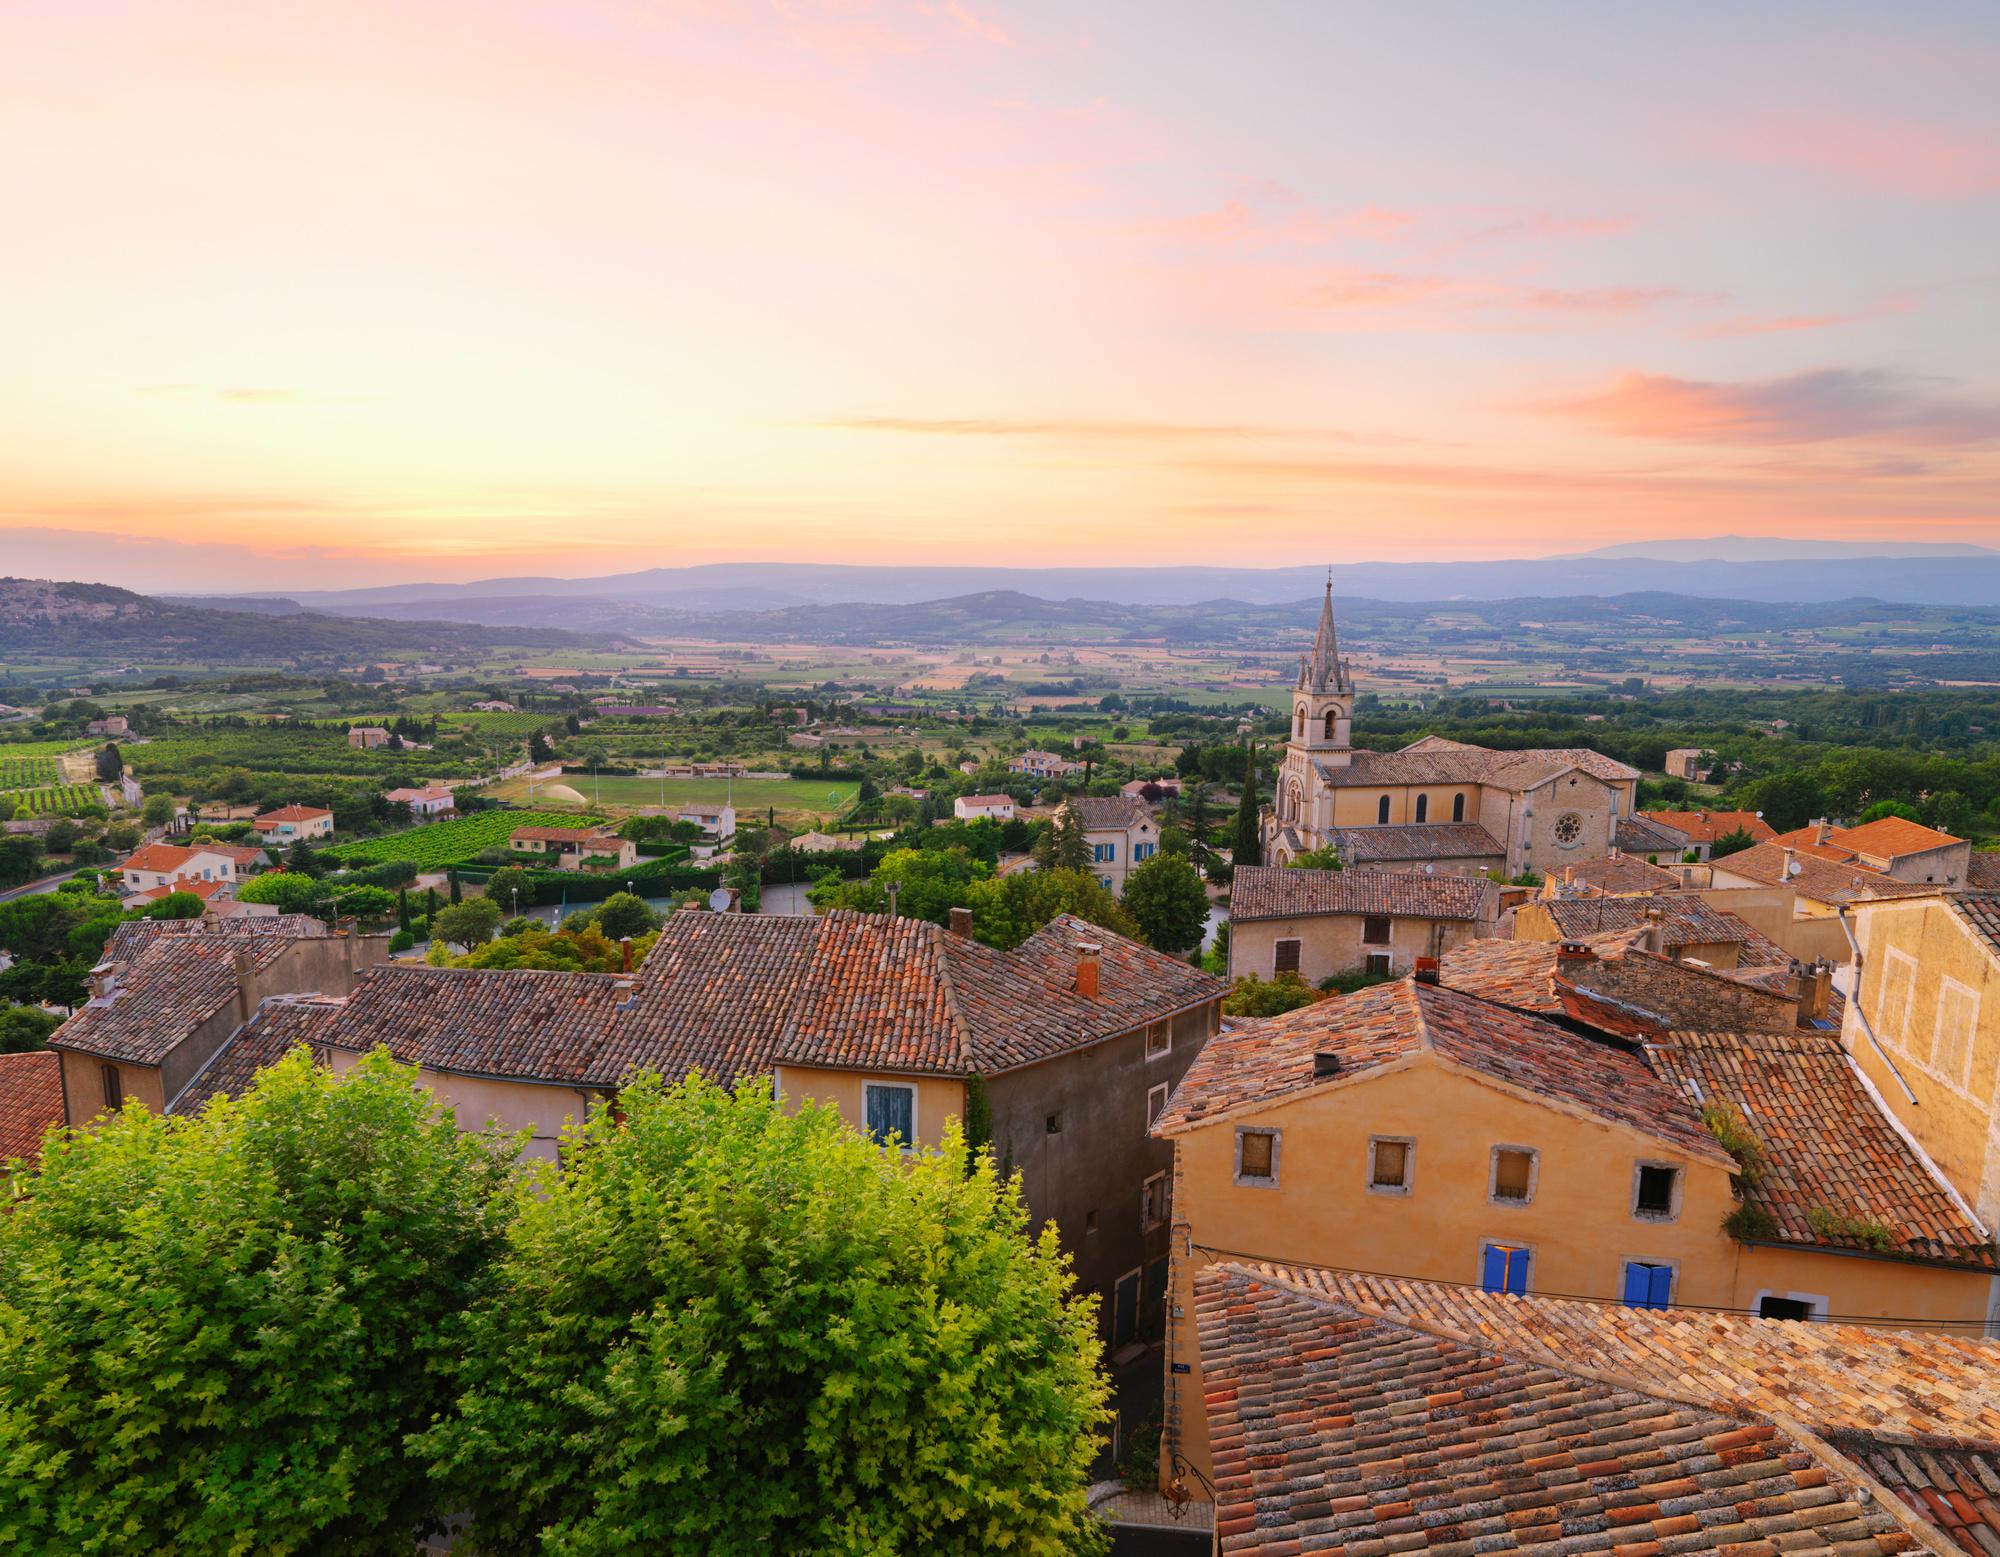 Les petits villages du Luberon tirent leur épingle du jeu., GETTY